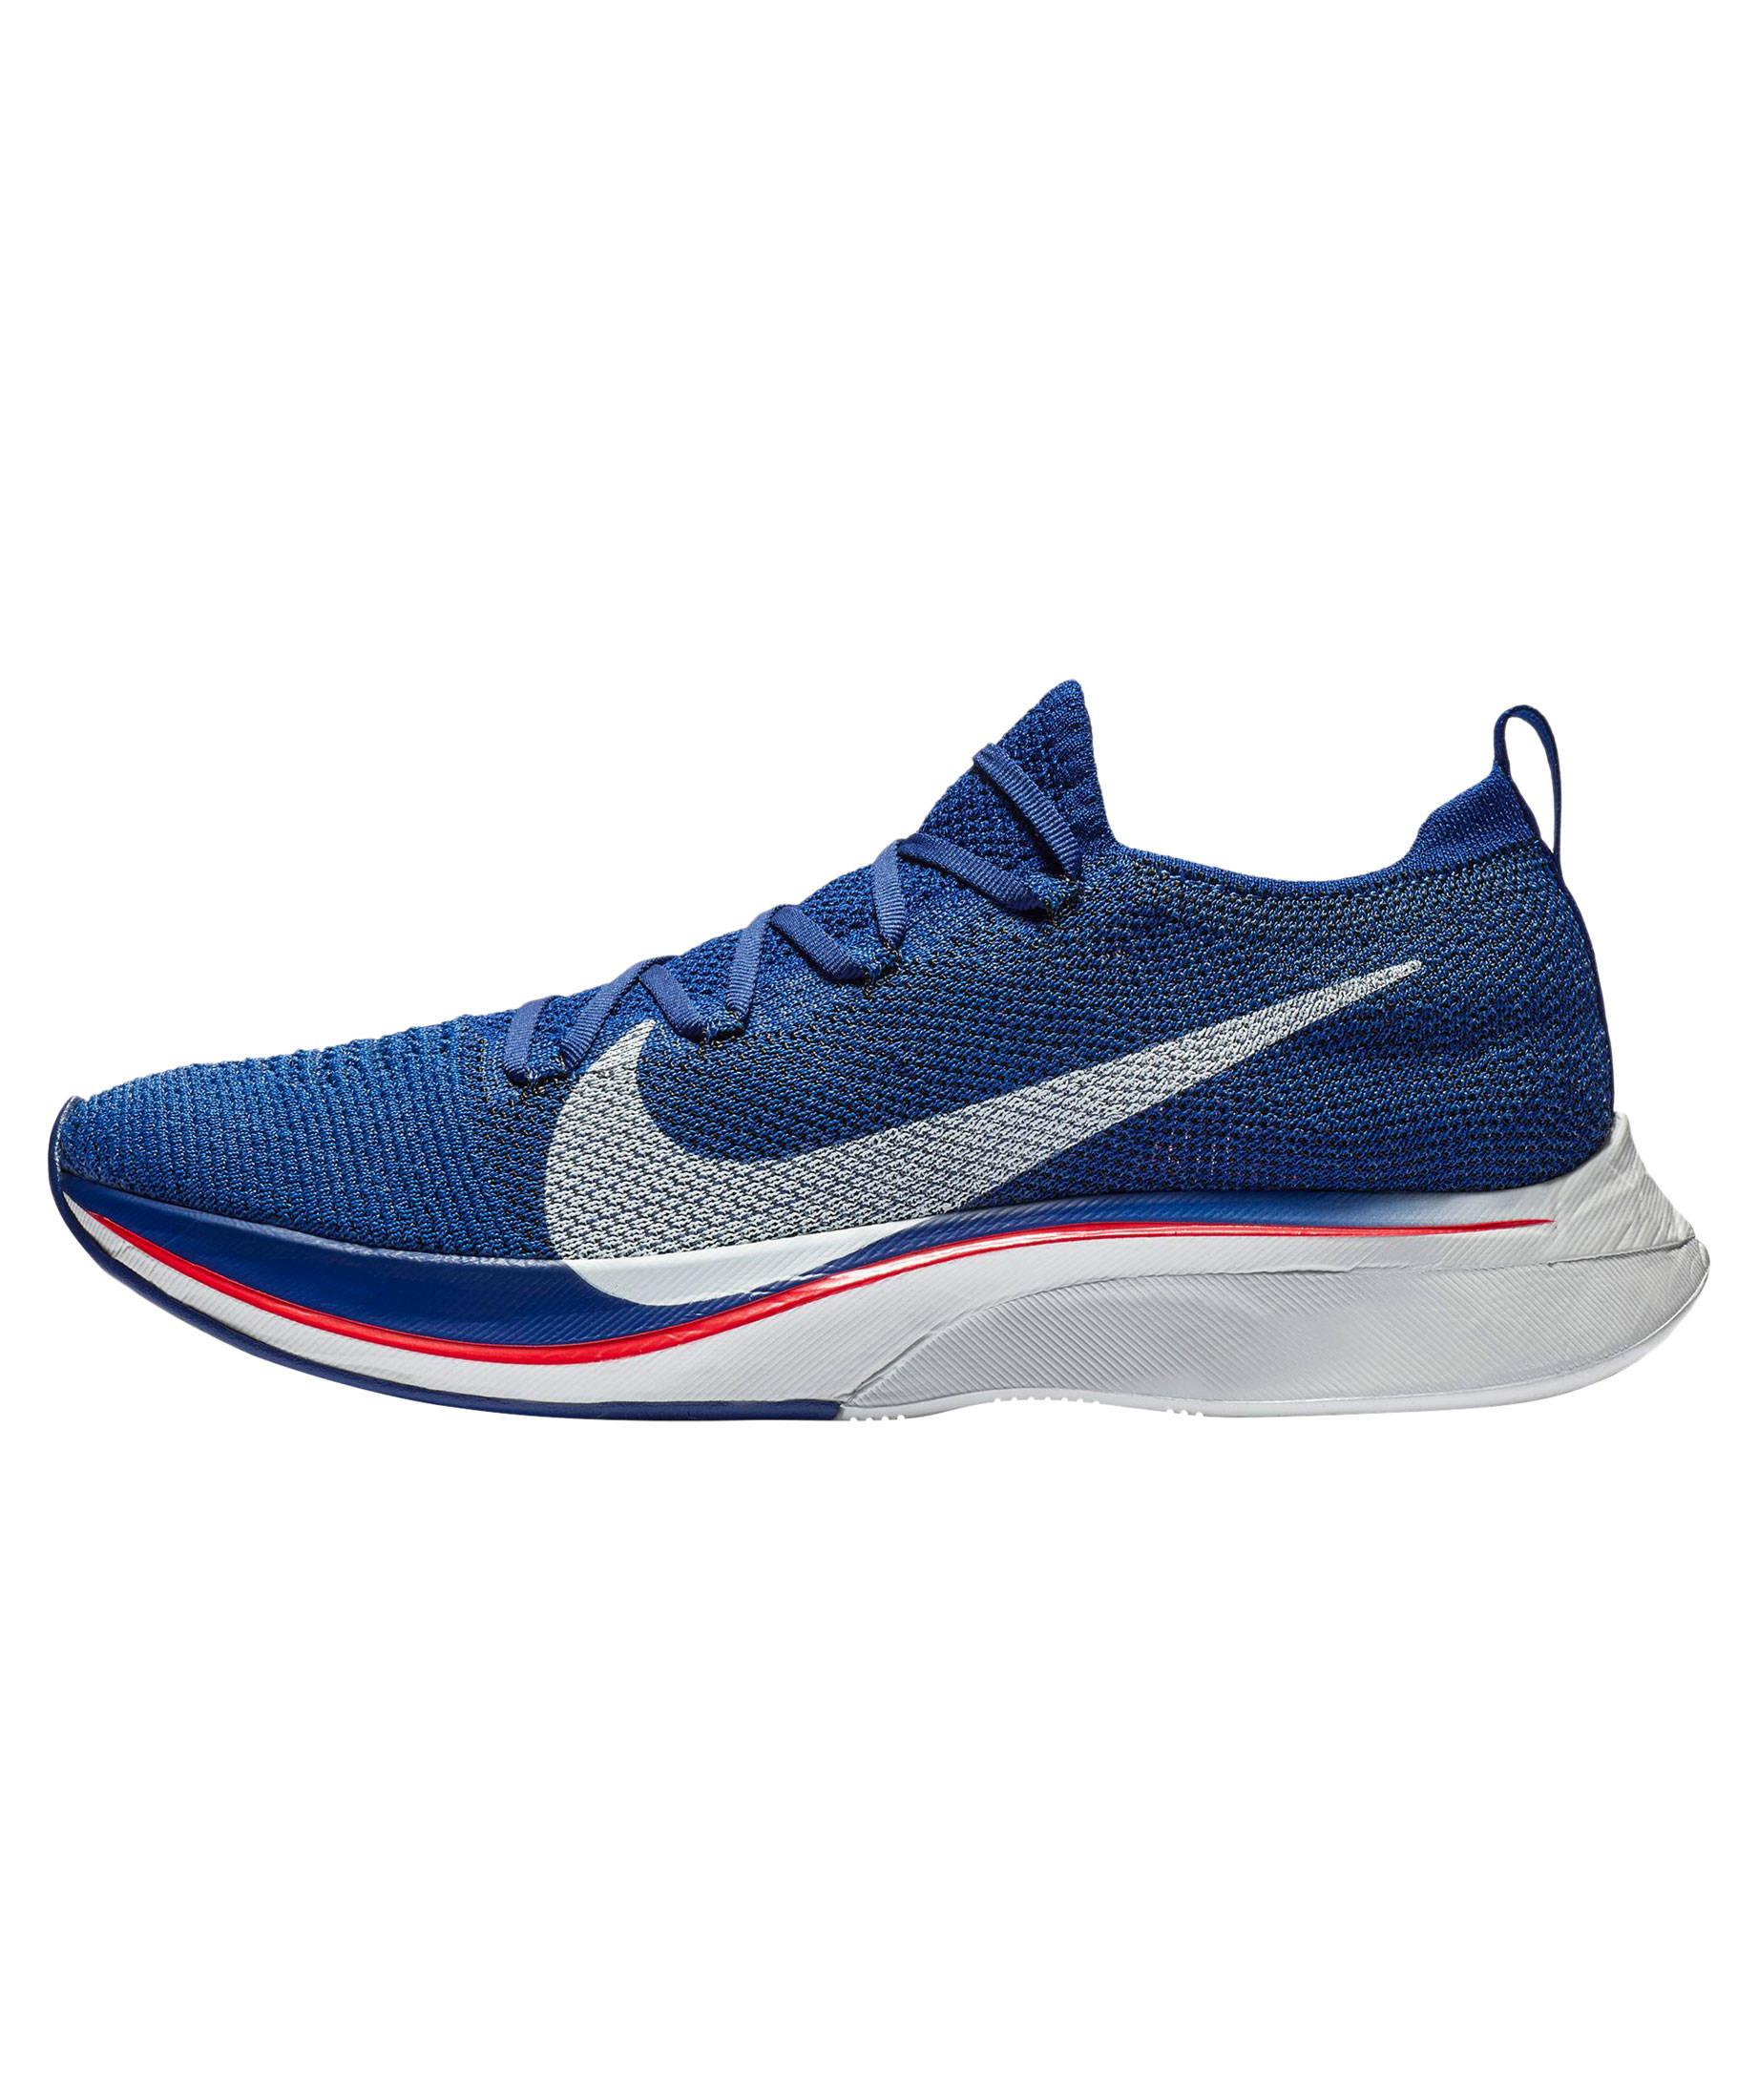 Nike Damen und Herren Laufschuhe